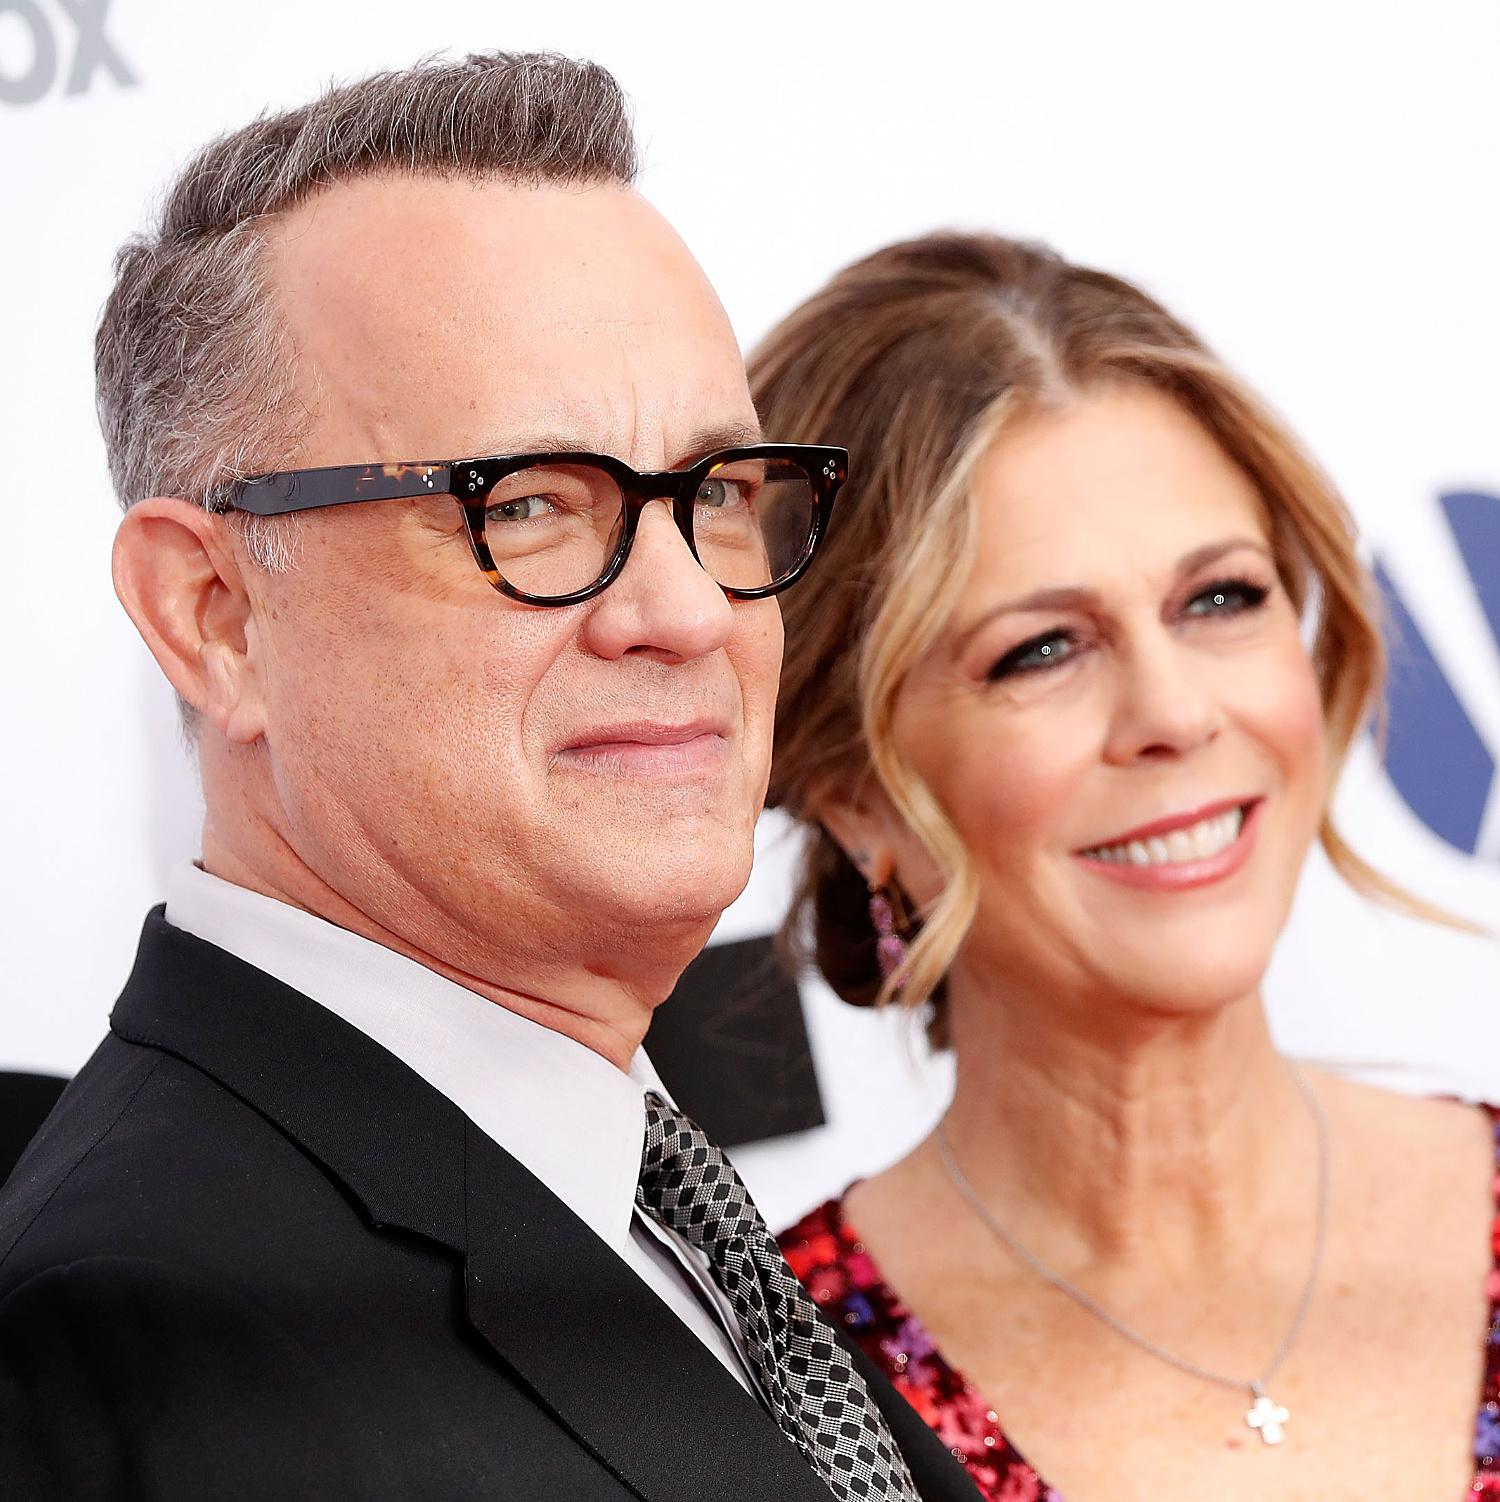 Tom Hanks és Rita Wilson koronavírus tesztje pozitív lett - Megtorpant a filmipar